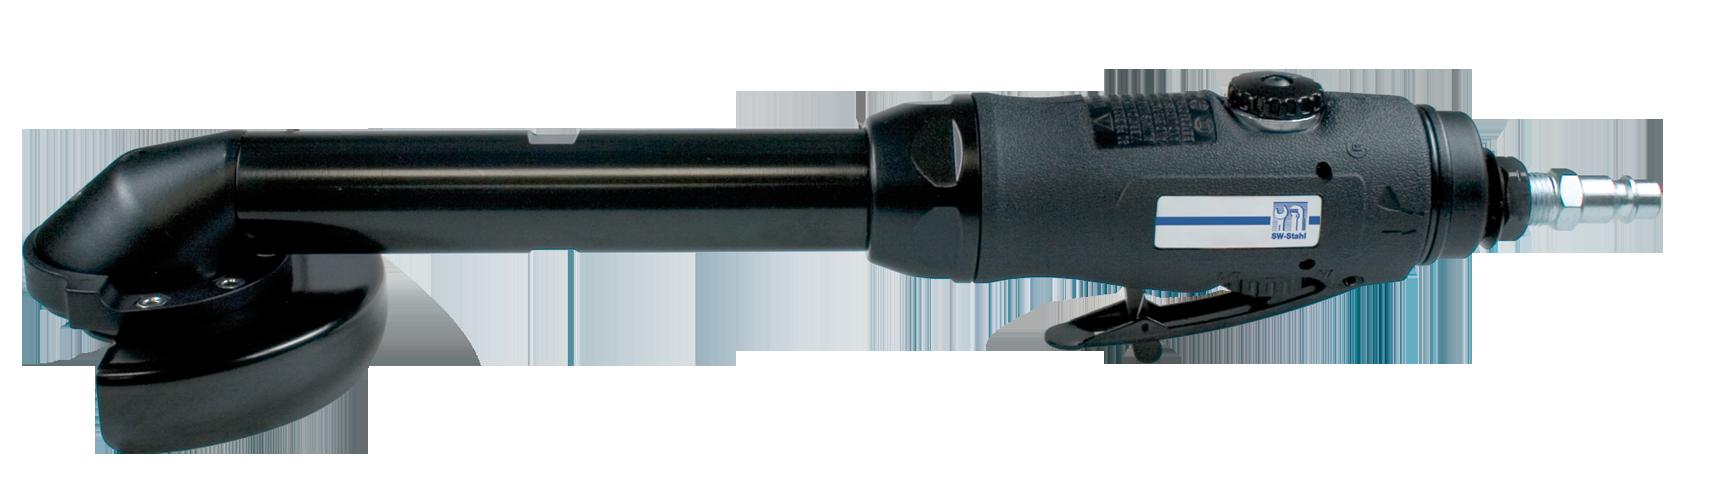 SWSTAHL Druckluft Trennschleifer S3268